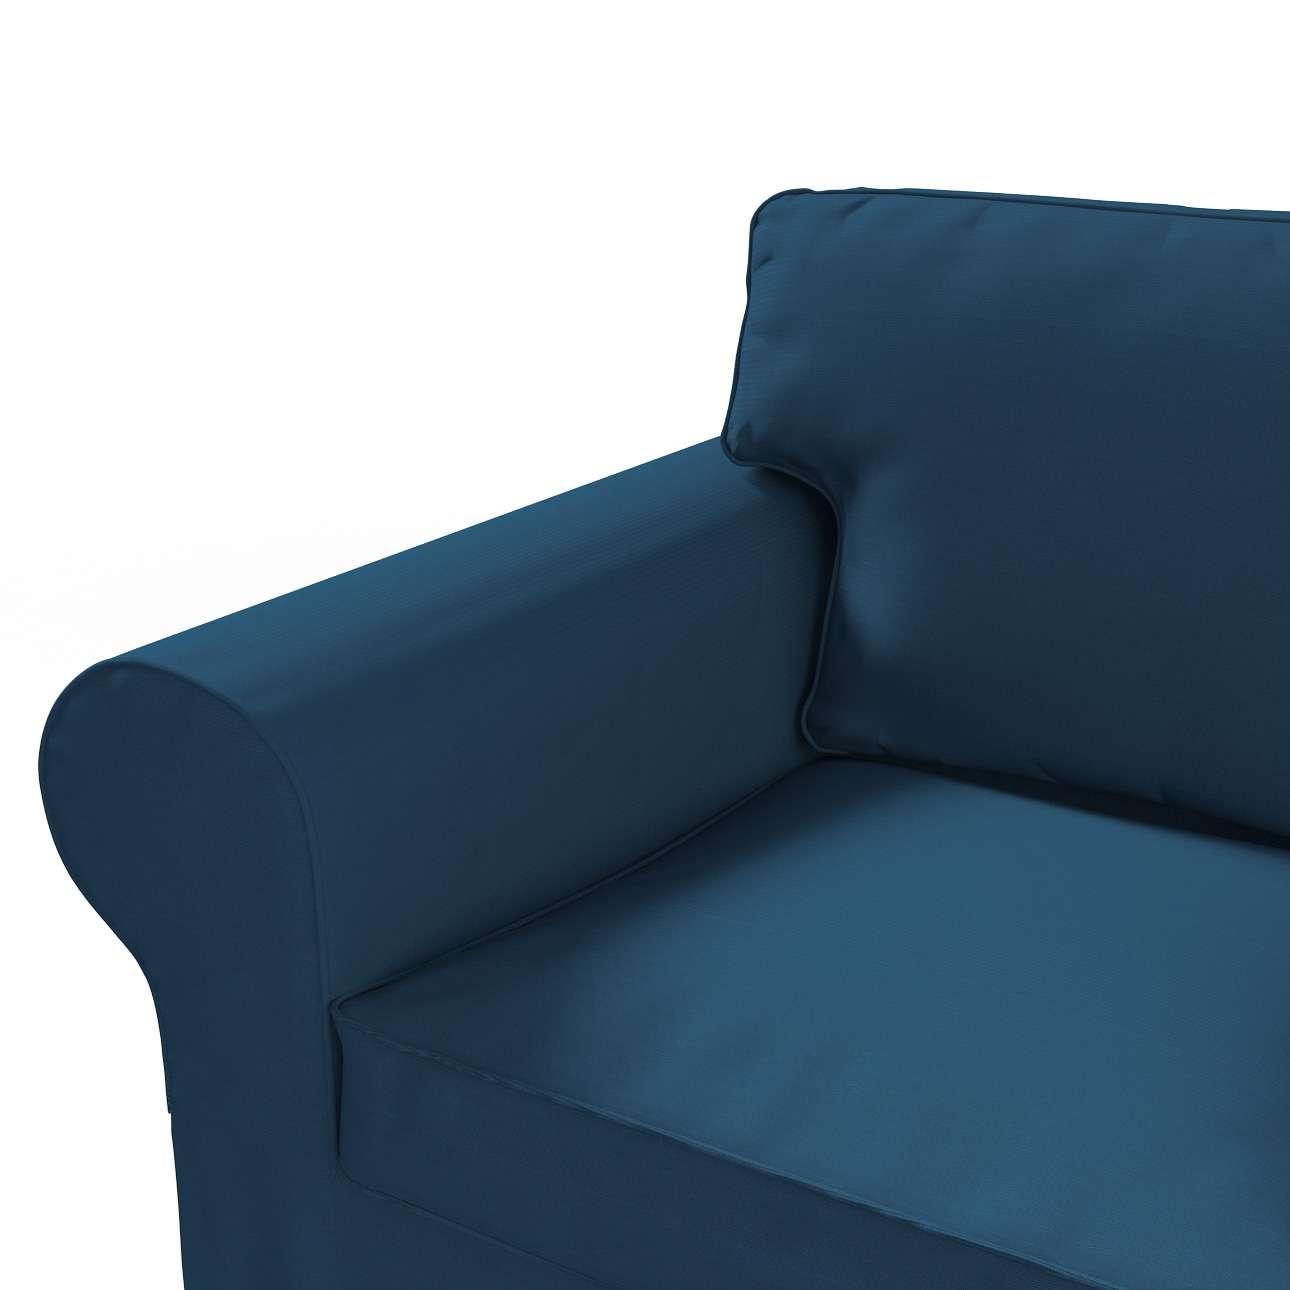 Potah na pohovku IKEA Ektorp 2-místná rozkládací  NOVÝ MODEL 2012 Ektorp 2012 v kolekci Cotton Panama, látka: 702-30